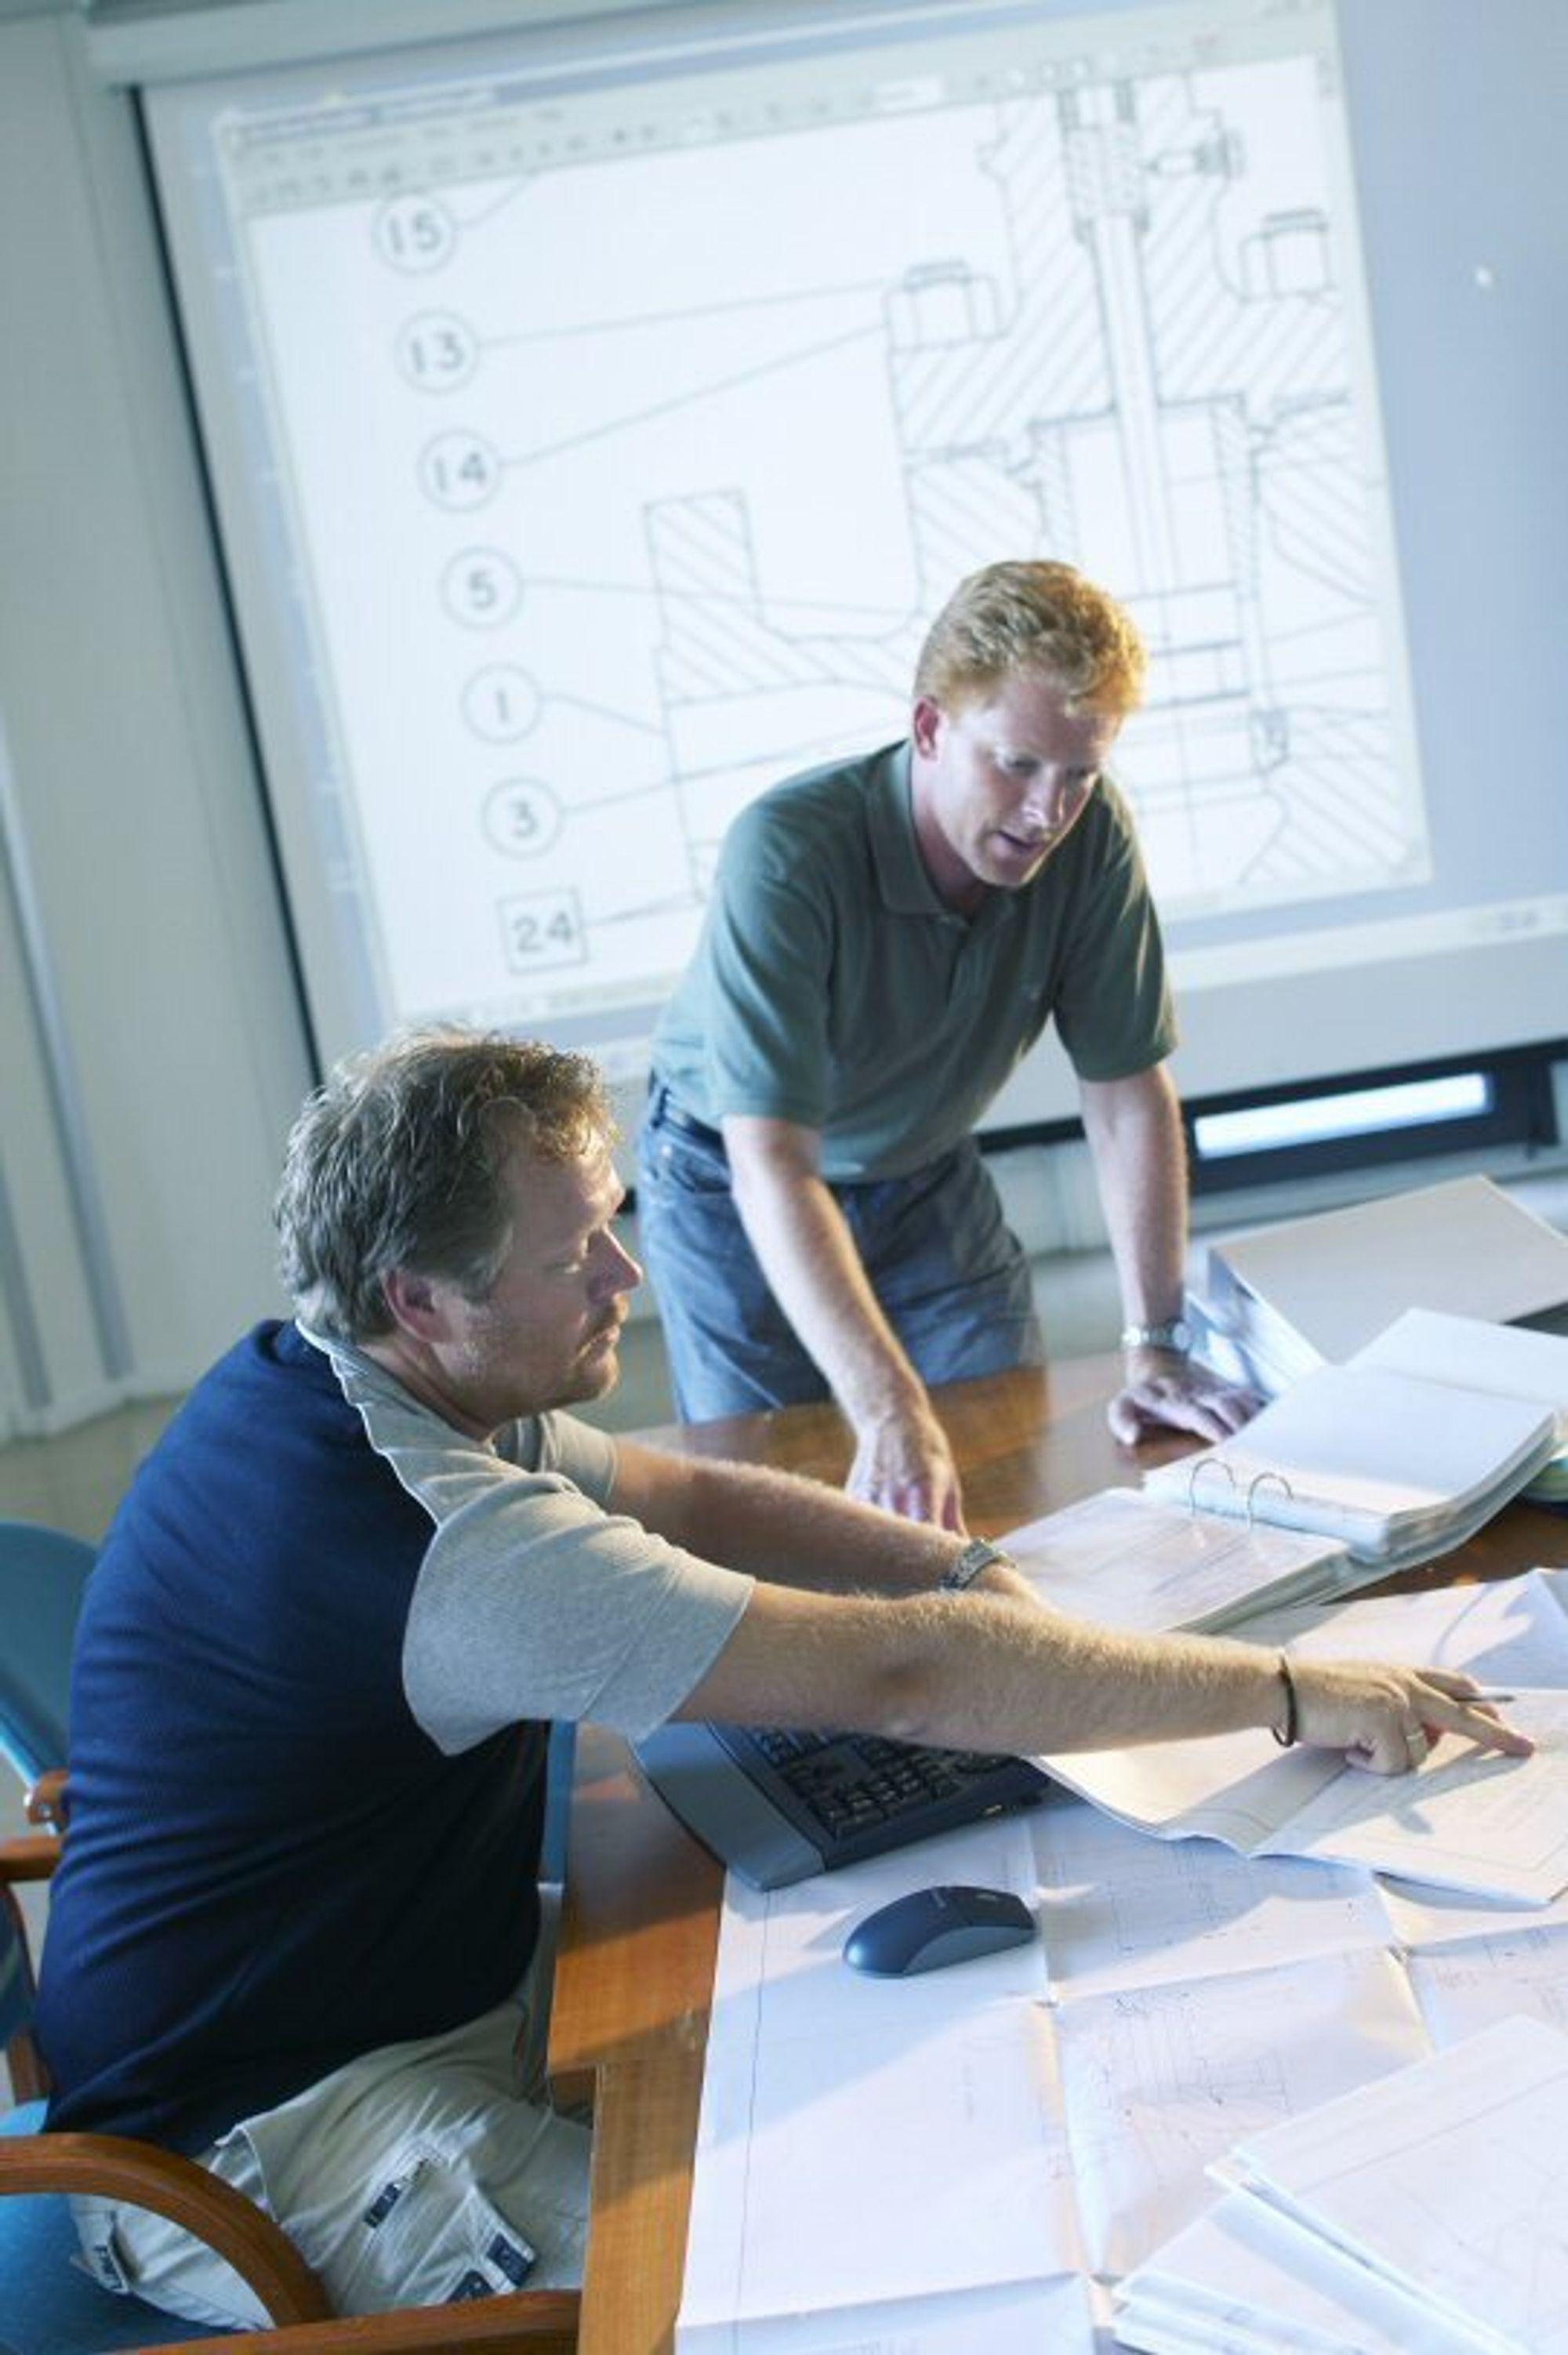 Prosjketingeniører i engineering- og prosjektsamarbeid på tvers av firma- og fagområder.